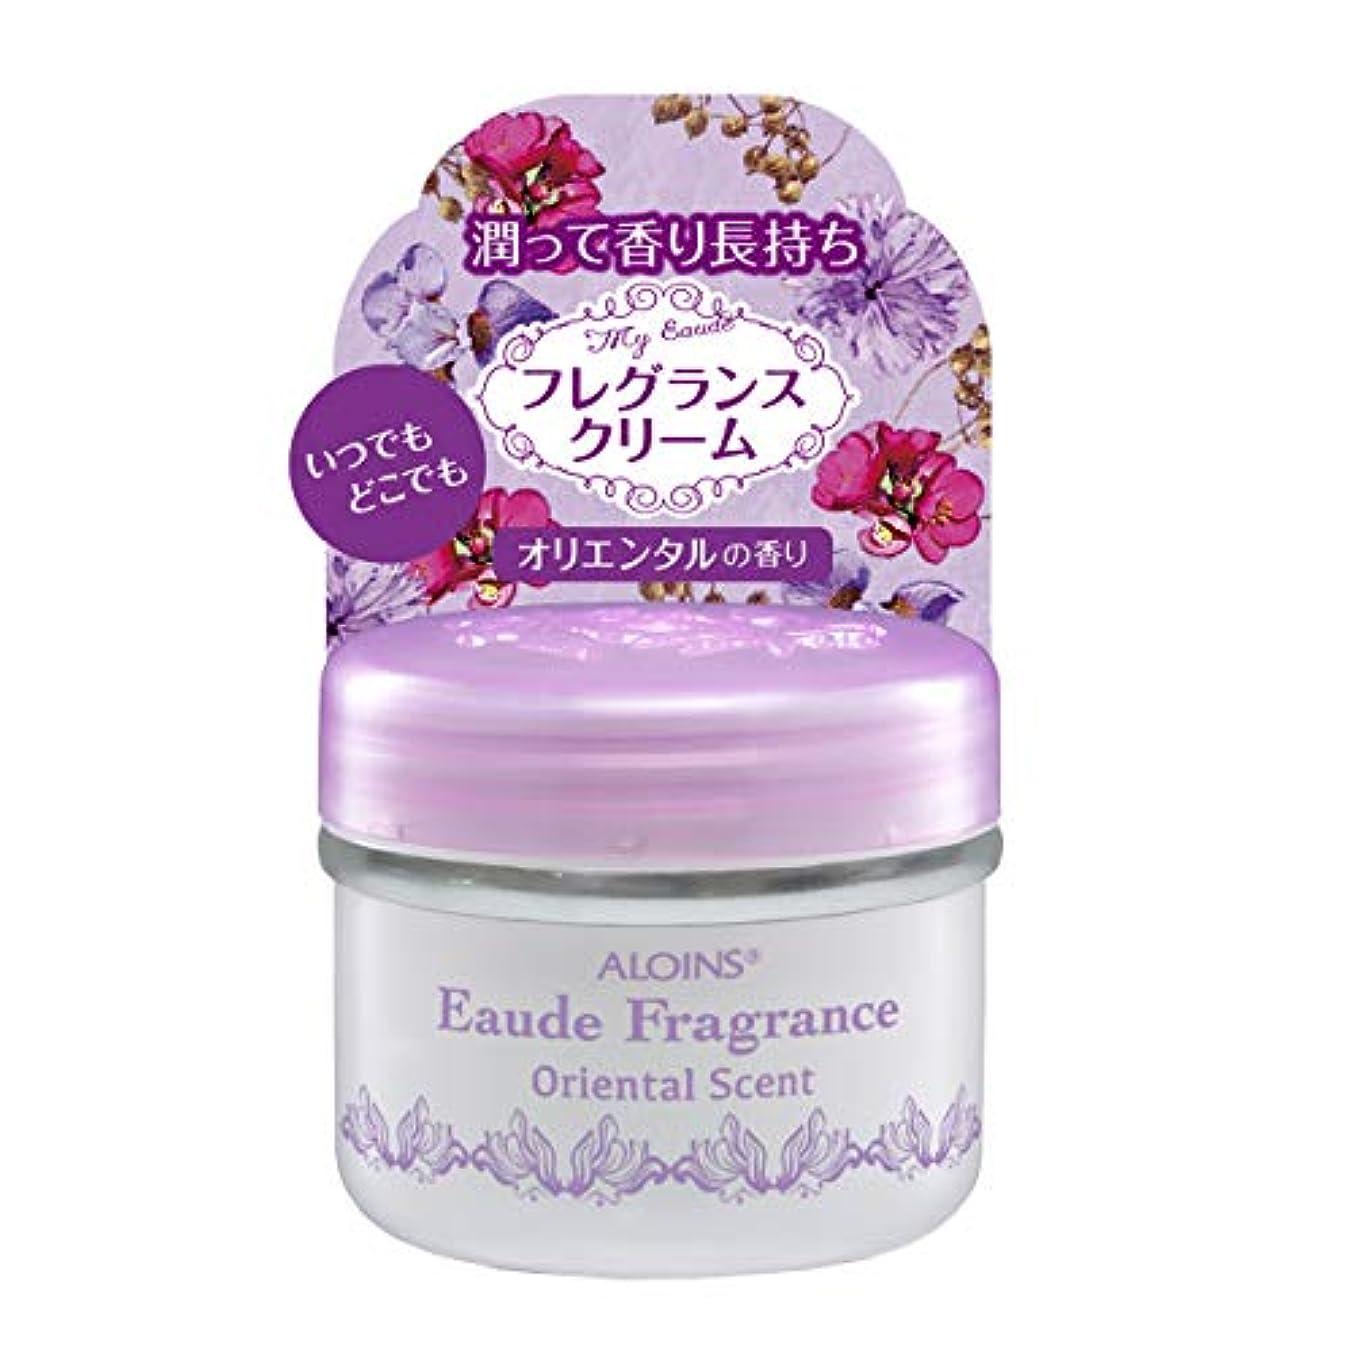 首相アイスクリーム余暇アロインス オーデフレグランス オリエンタルの香り 35g